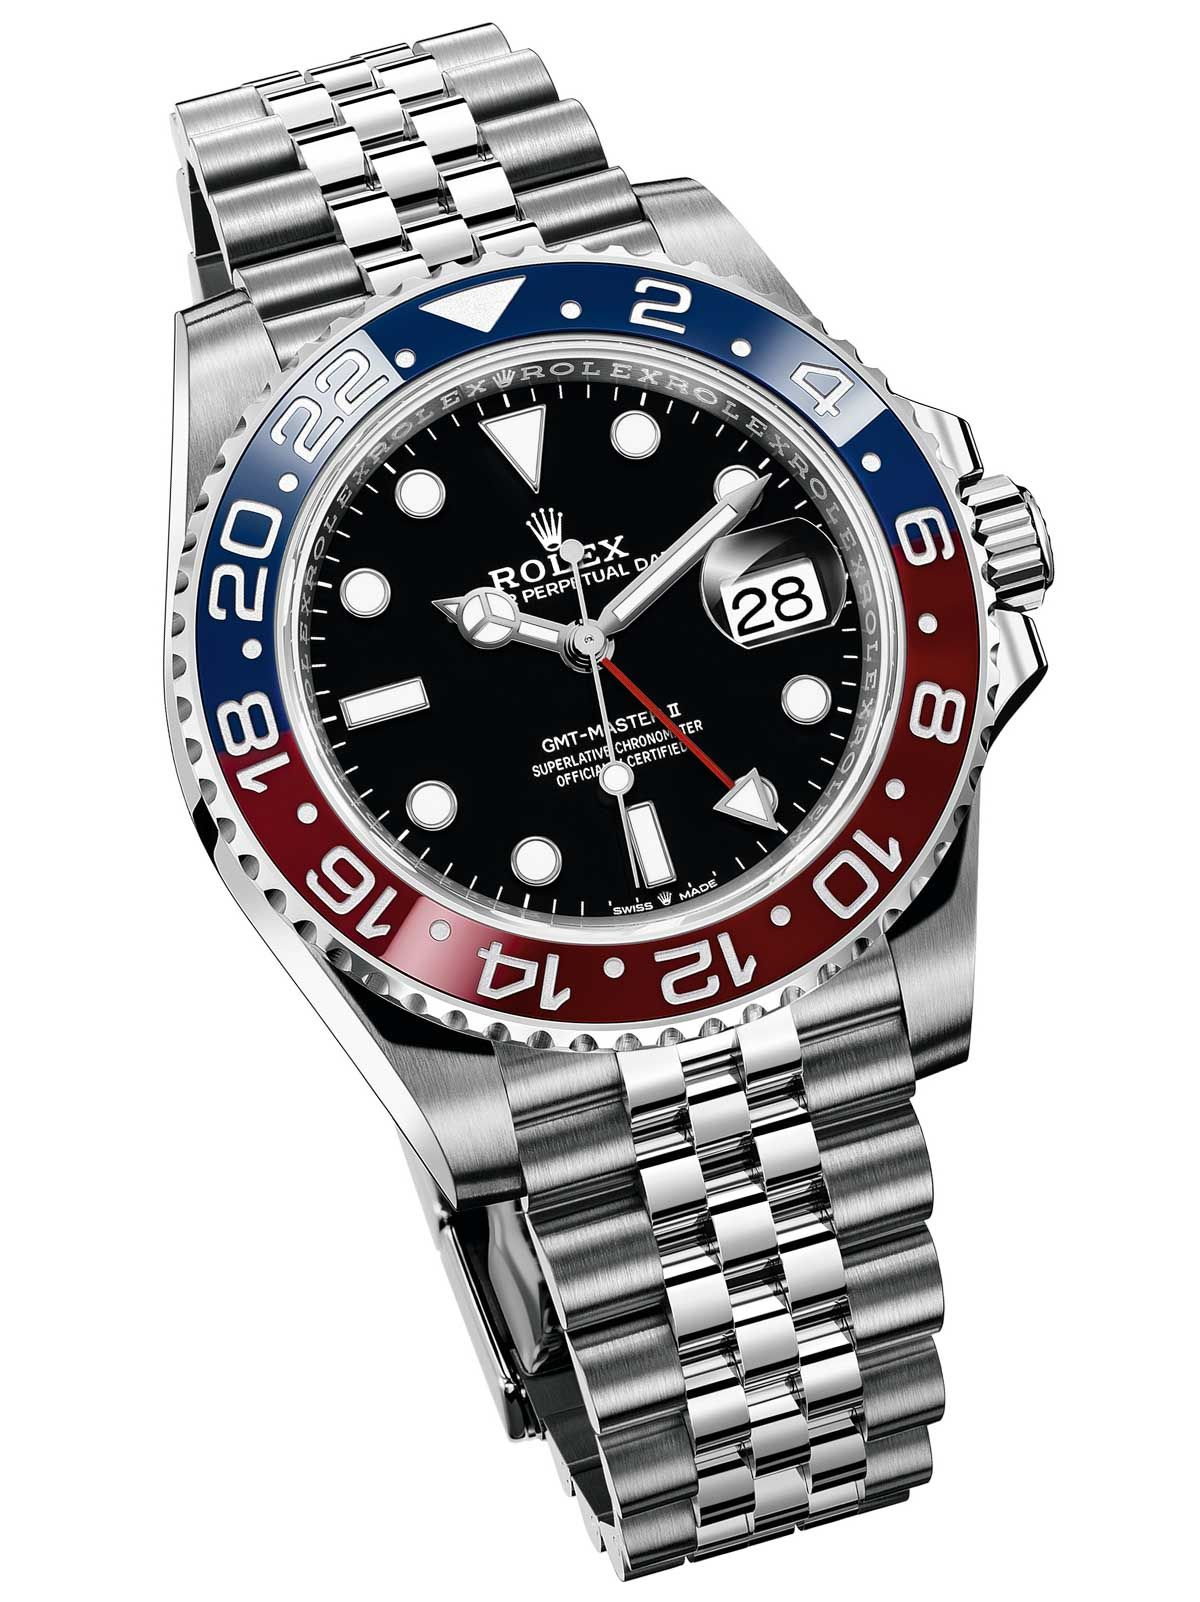 85c29f87d11 Rolex GMT-Master II Pepsi Ref. 126710 BLRO